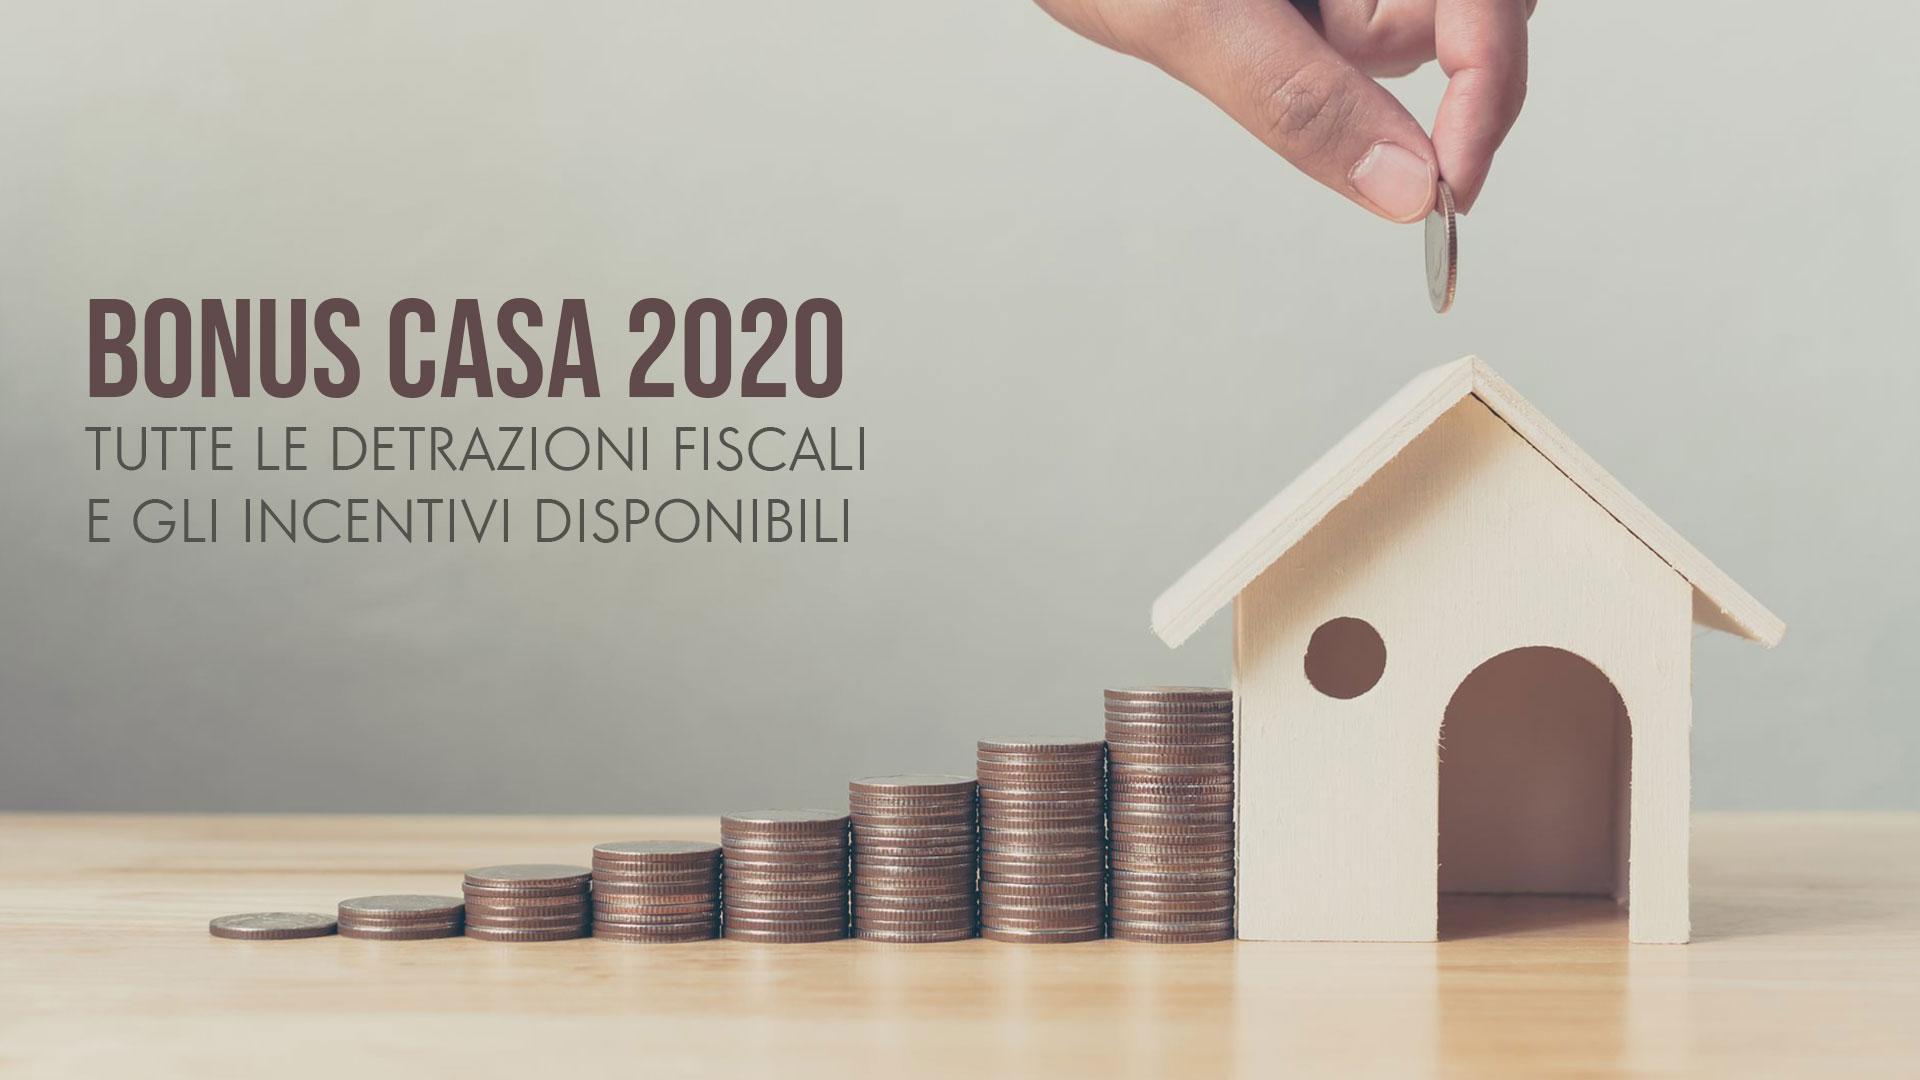 Bonus Casa 2020: tutte le novità e proroghe per incentivi e